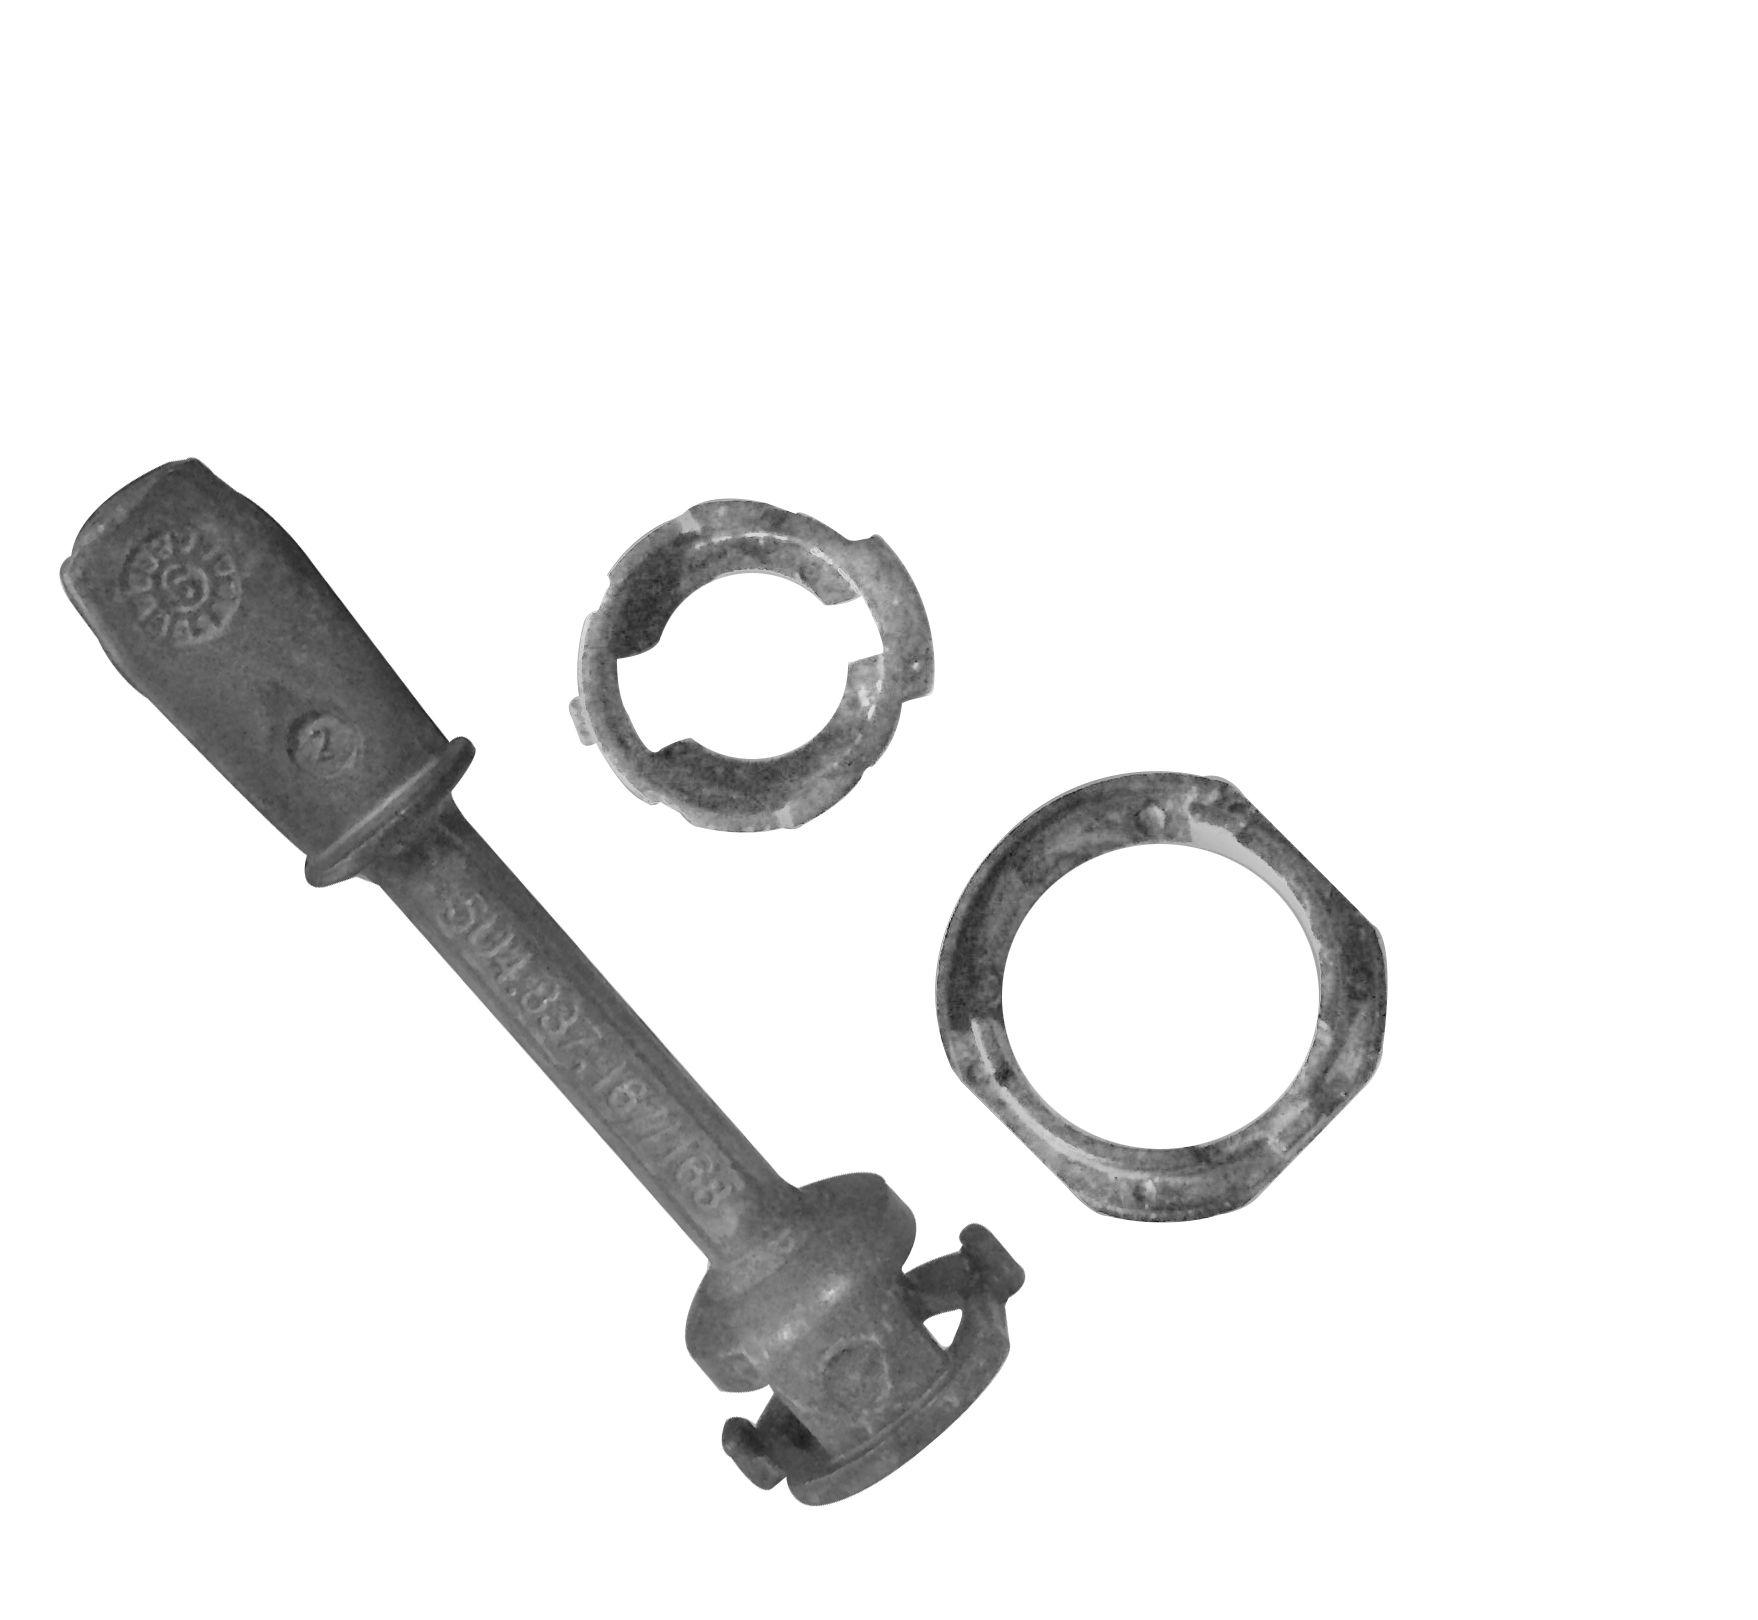 Pino Acionador c/ Kit Gol G6 - 67001